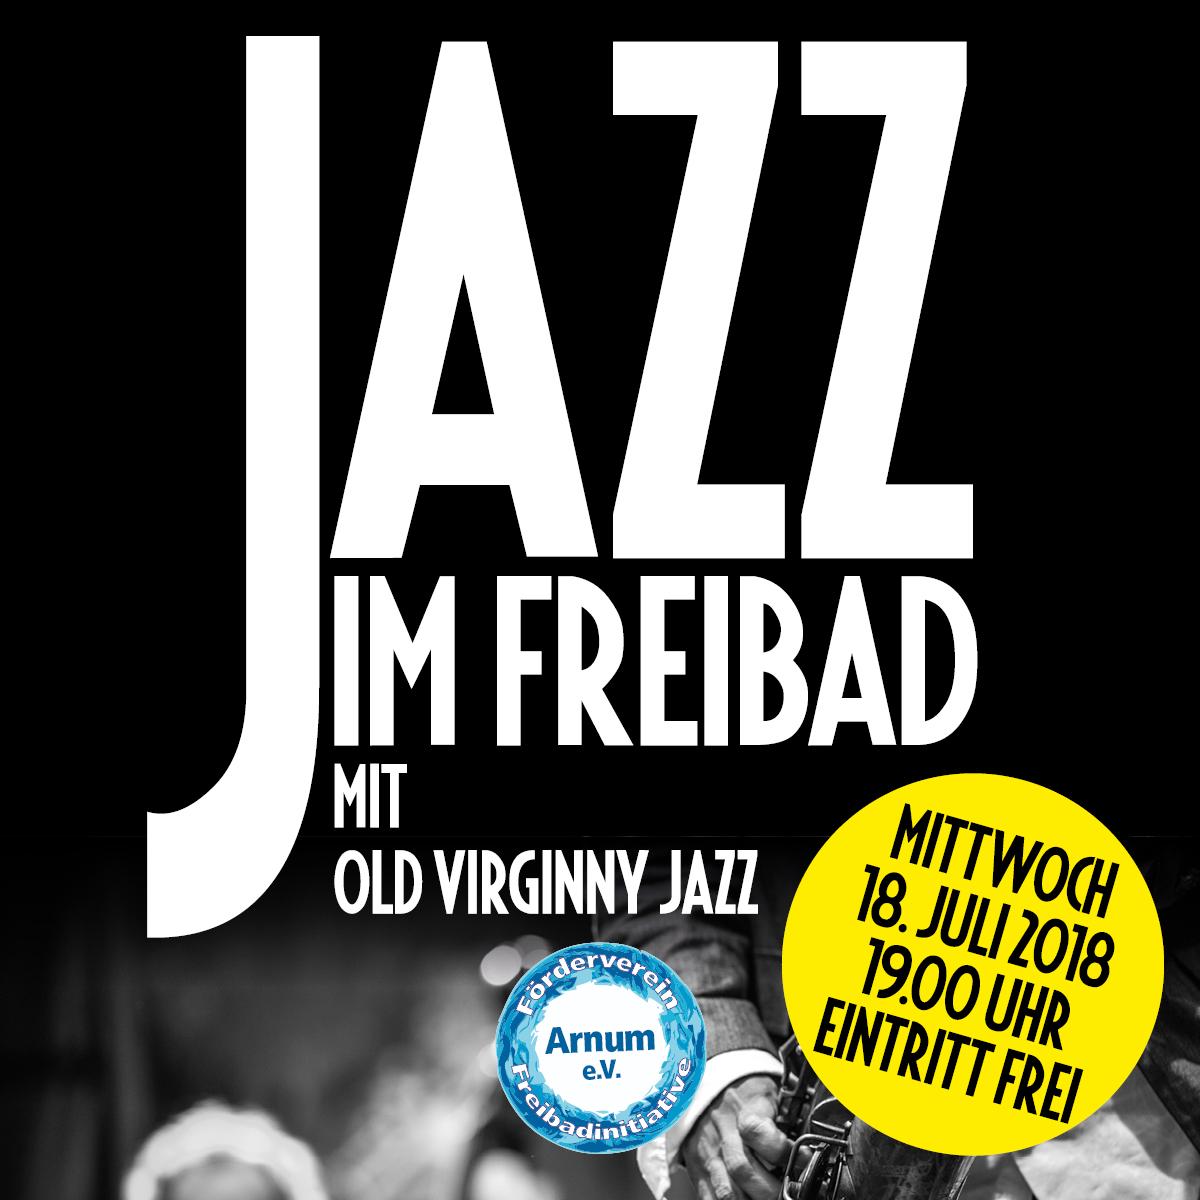 18.07.2018: Jazz im Freibad